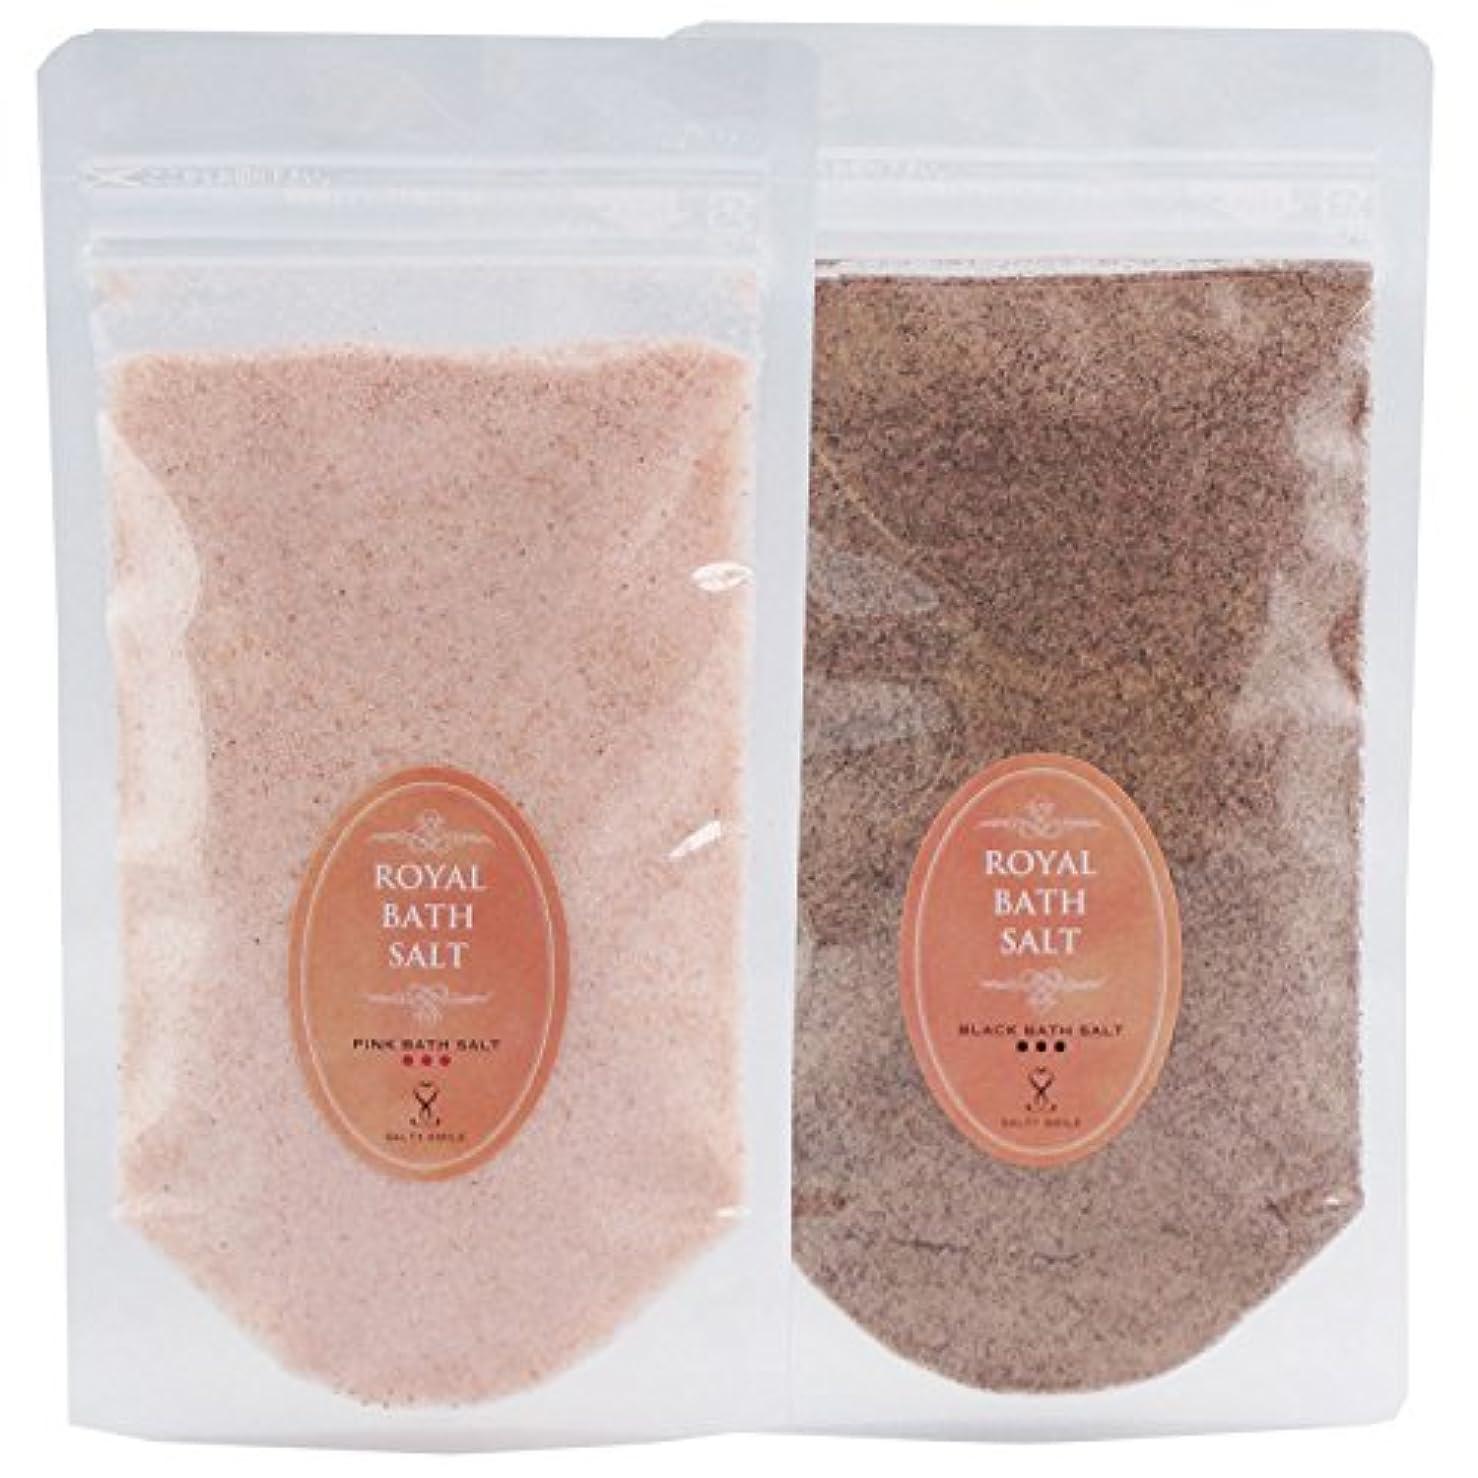 準備けがをする大人ロイヤル バスソルト ヒマラヤ岩塩 ピンク ブラック パウダー 各200g 細粒 ROYAL BATH SALT